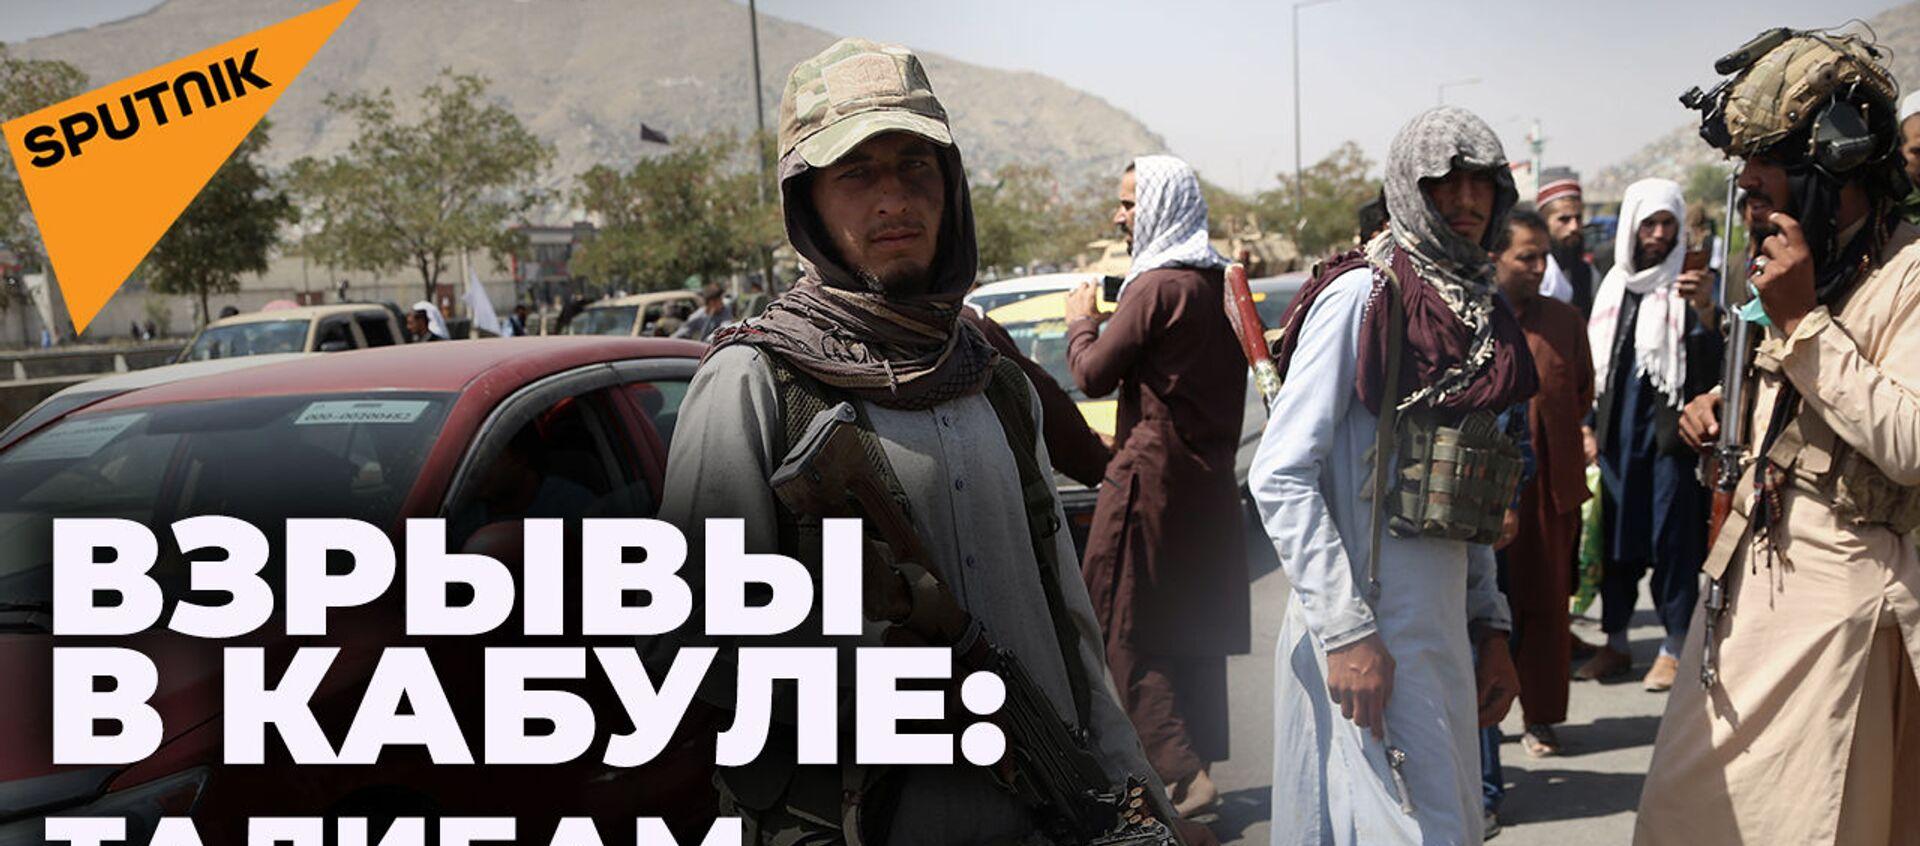 Талибы теряют контроль в Афганистане? ИГ* взрывает Кабул, США собираются мстить бомбами - Sputnik Абхазия, 1920, 27.08.2021